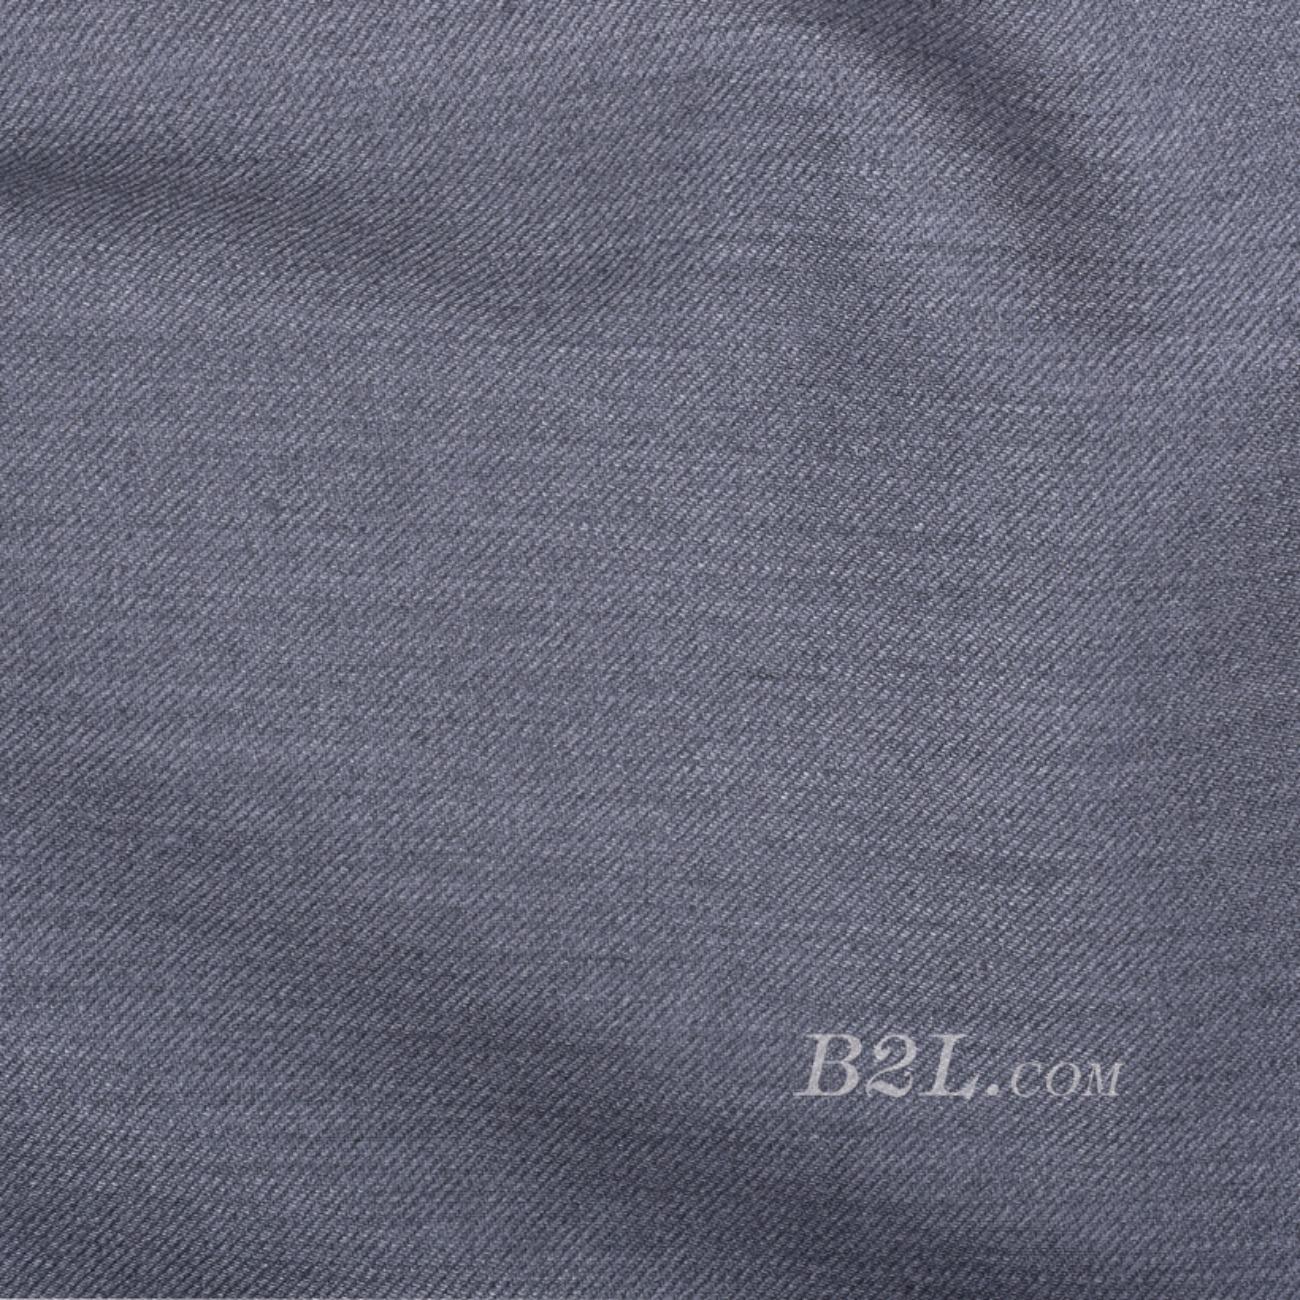 素色 梭织 染色 春秋 西装 裤装 职业装   80823-2